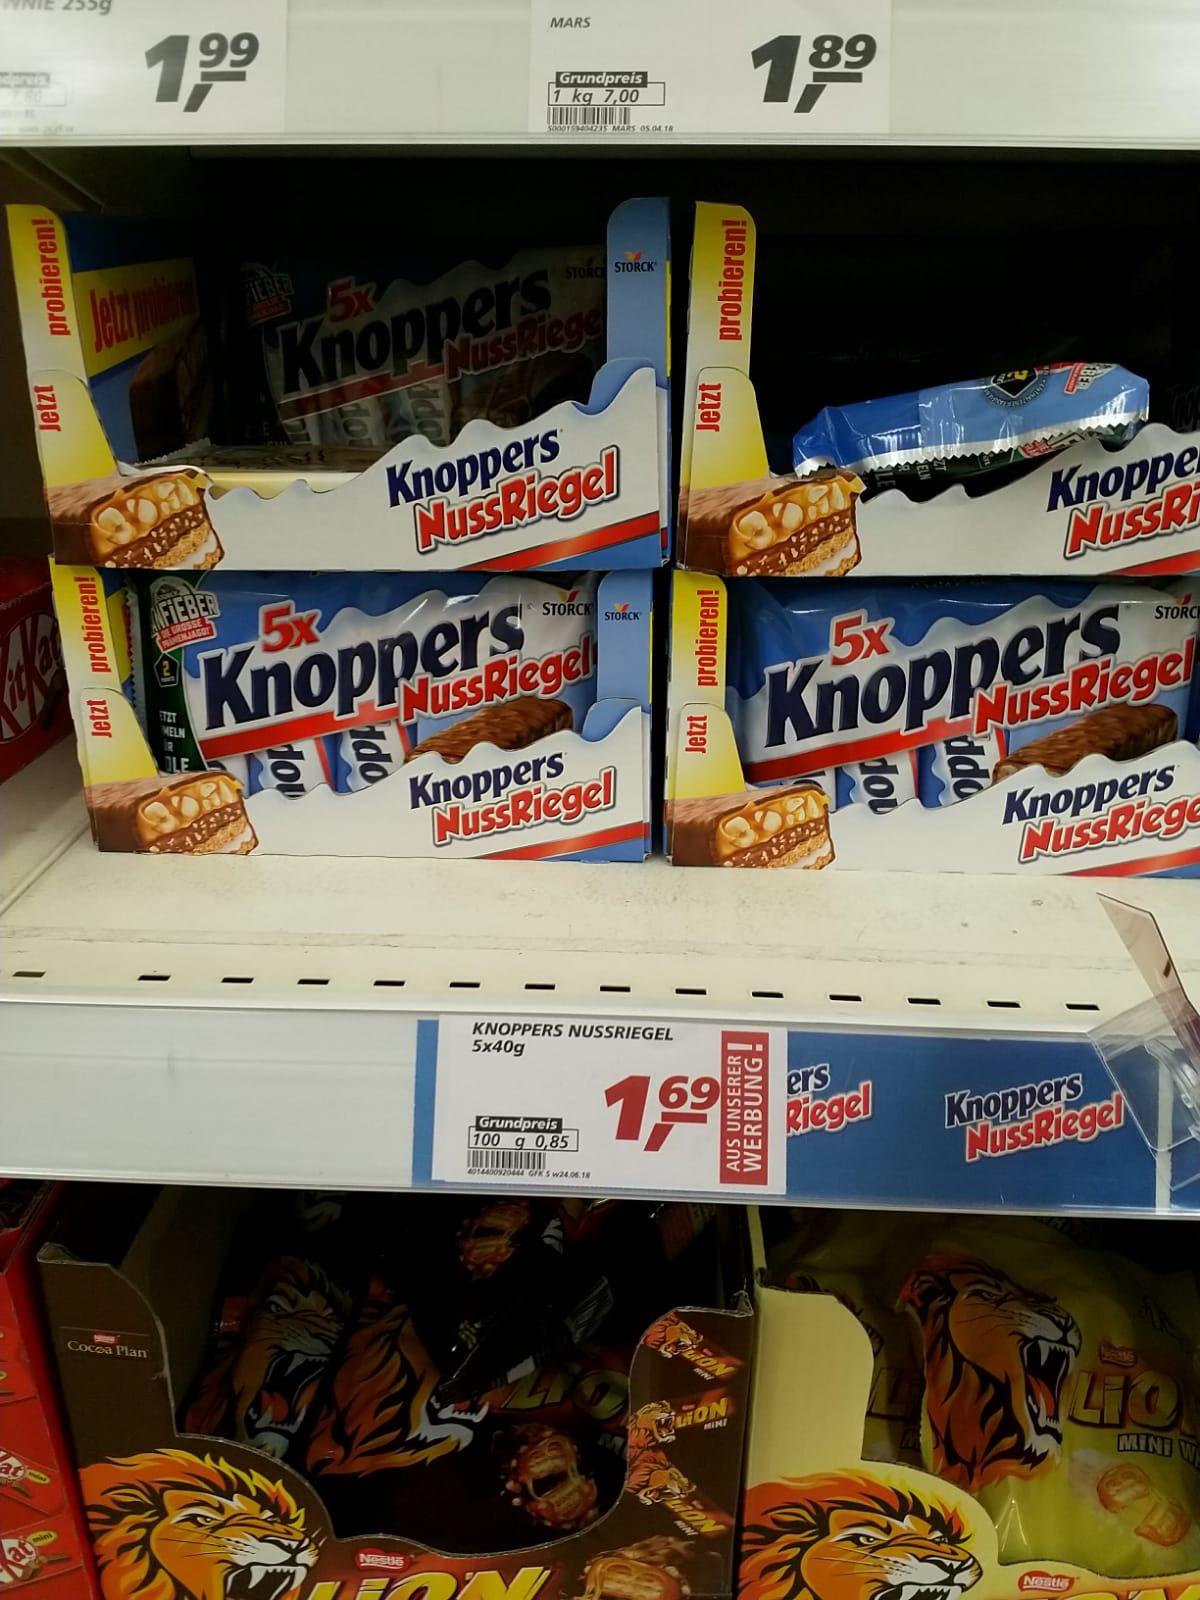 Knoppers Nussriegel 5x40g bundesweit im Real Markt